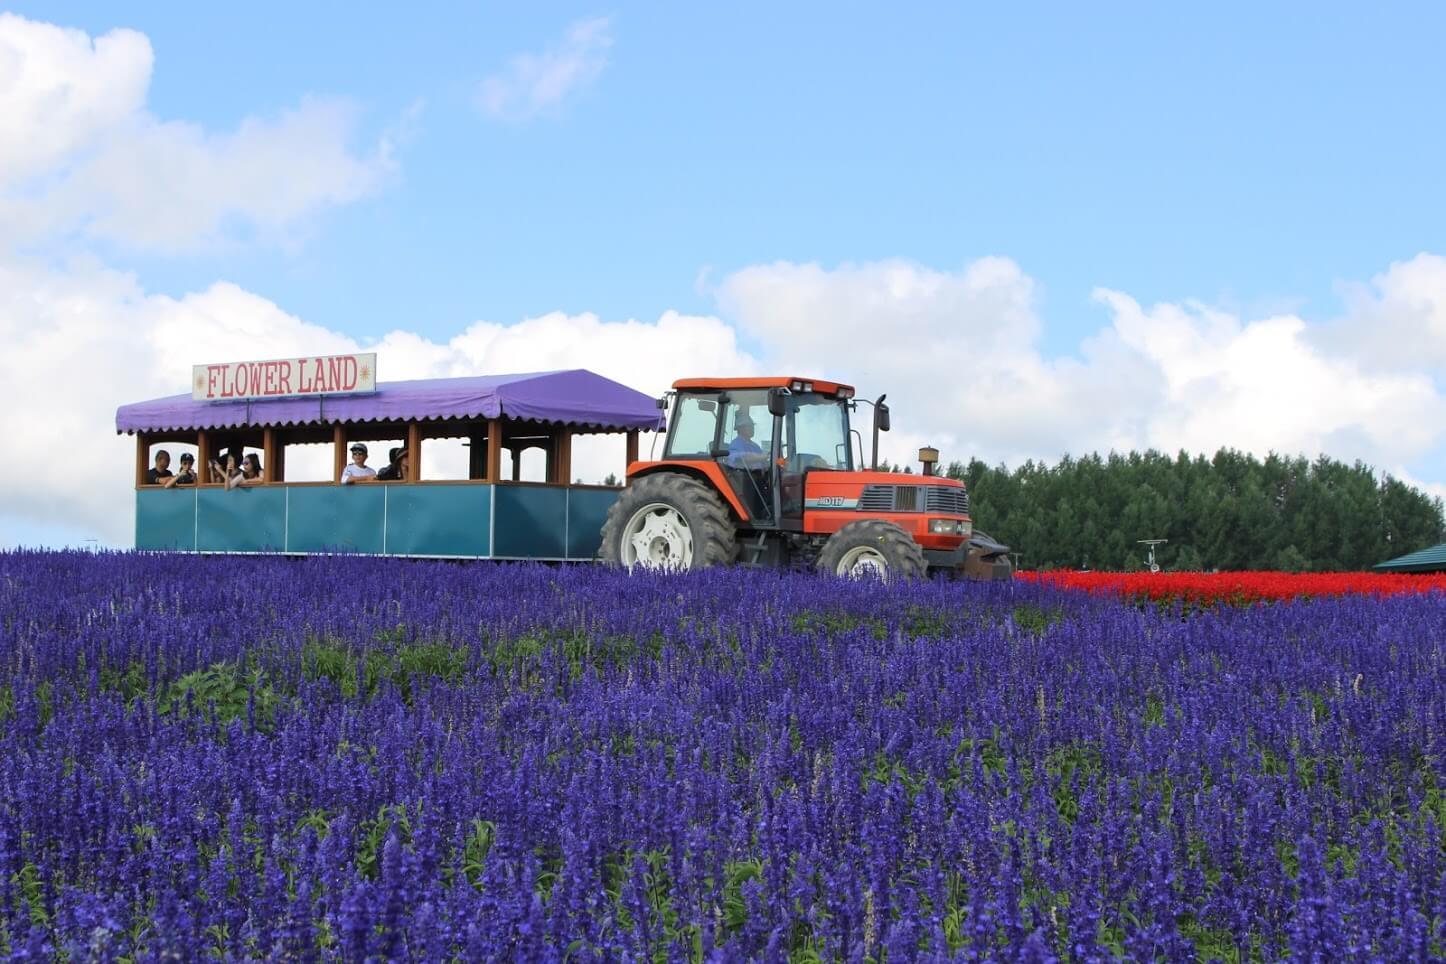 浪漫至極的紫色花海:Flower Land上富良野